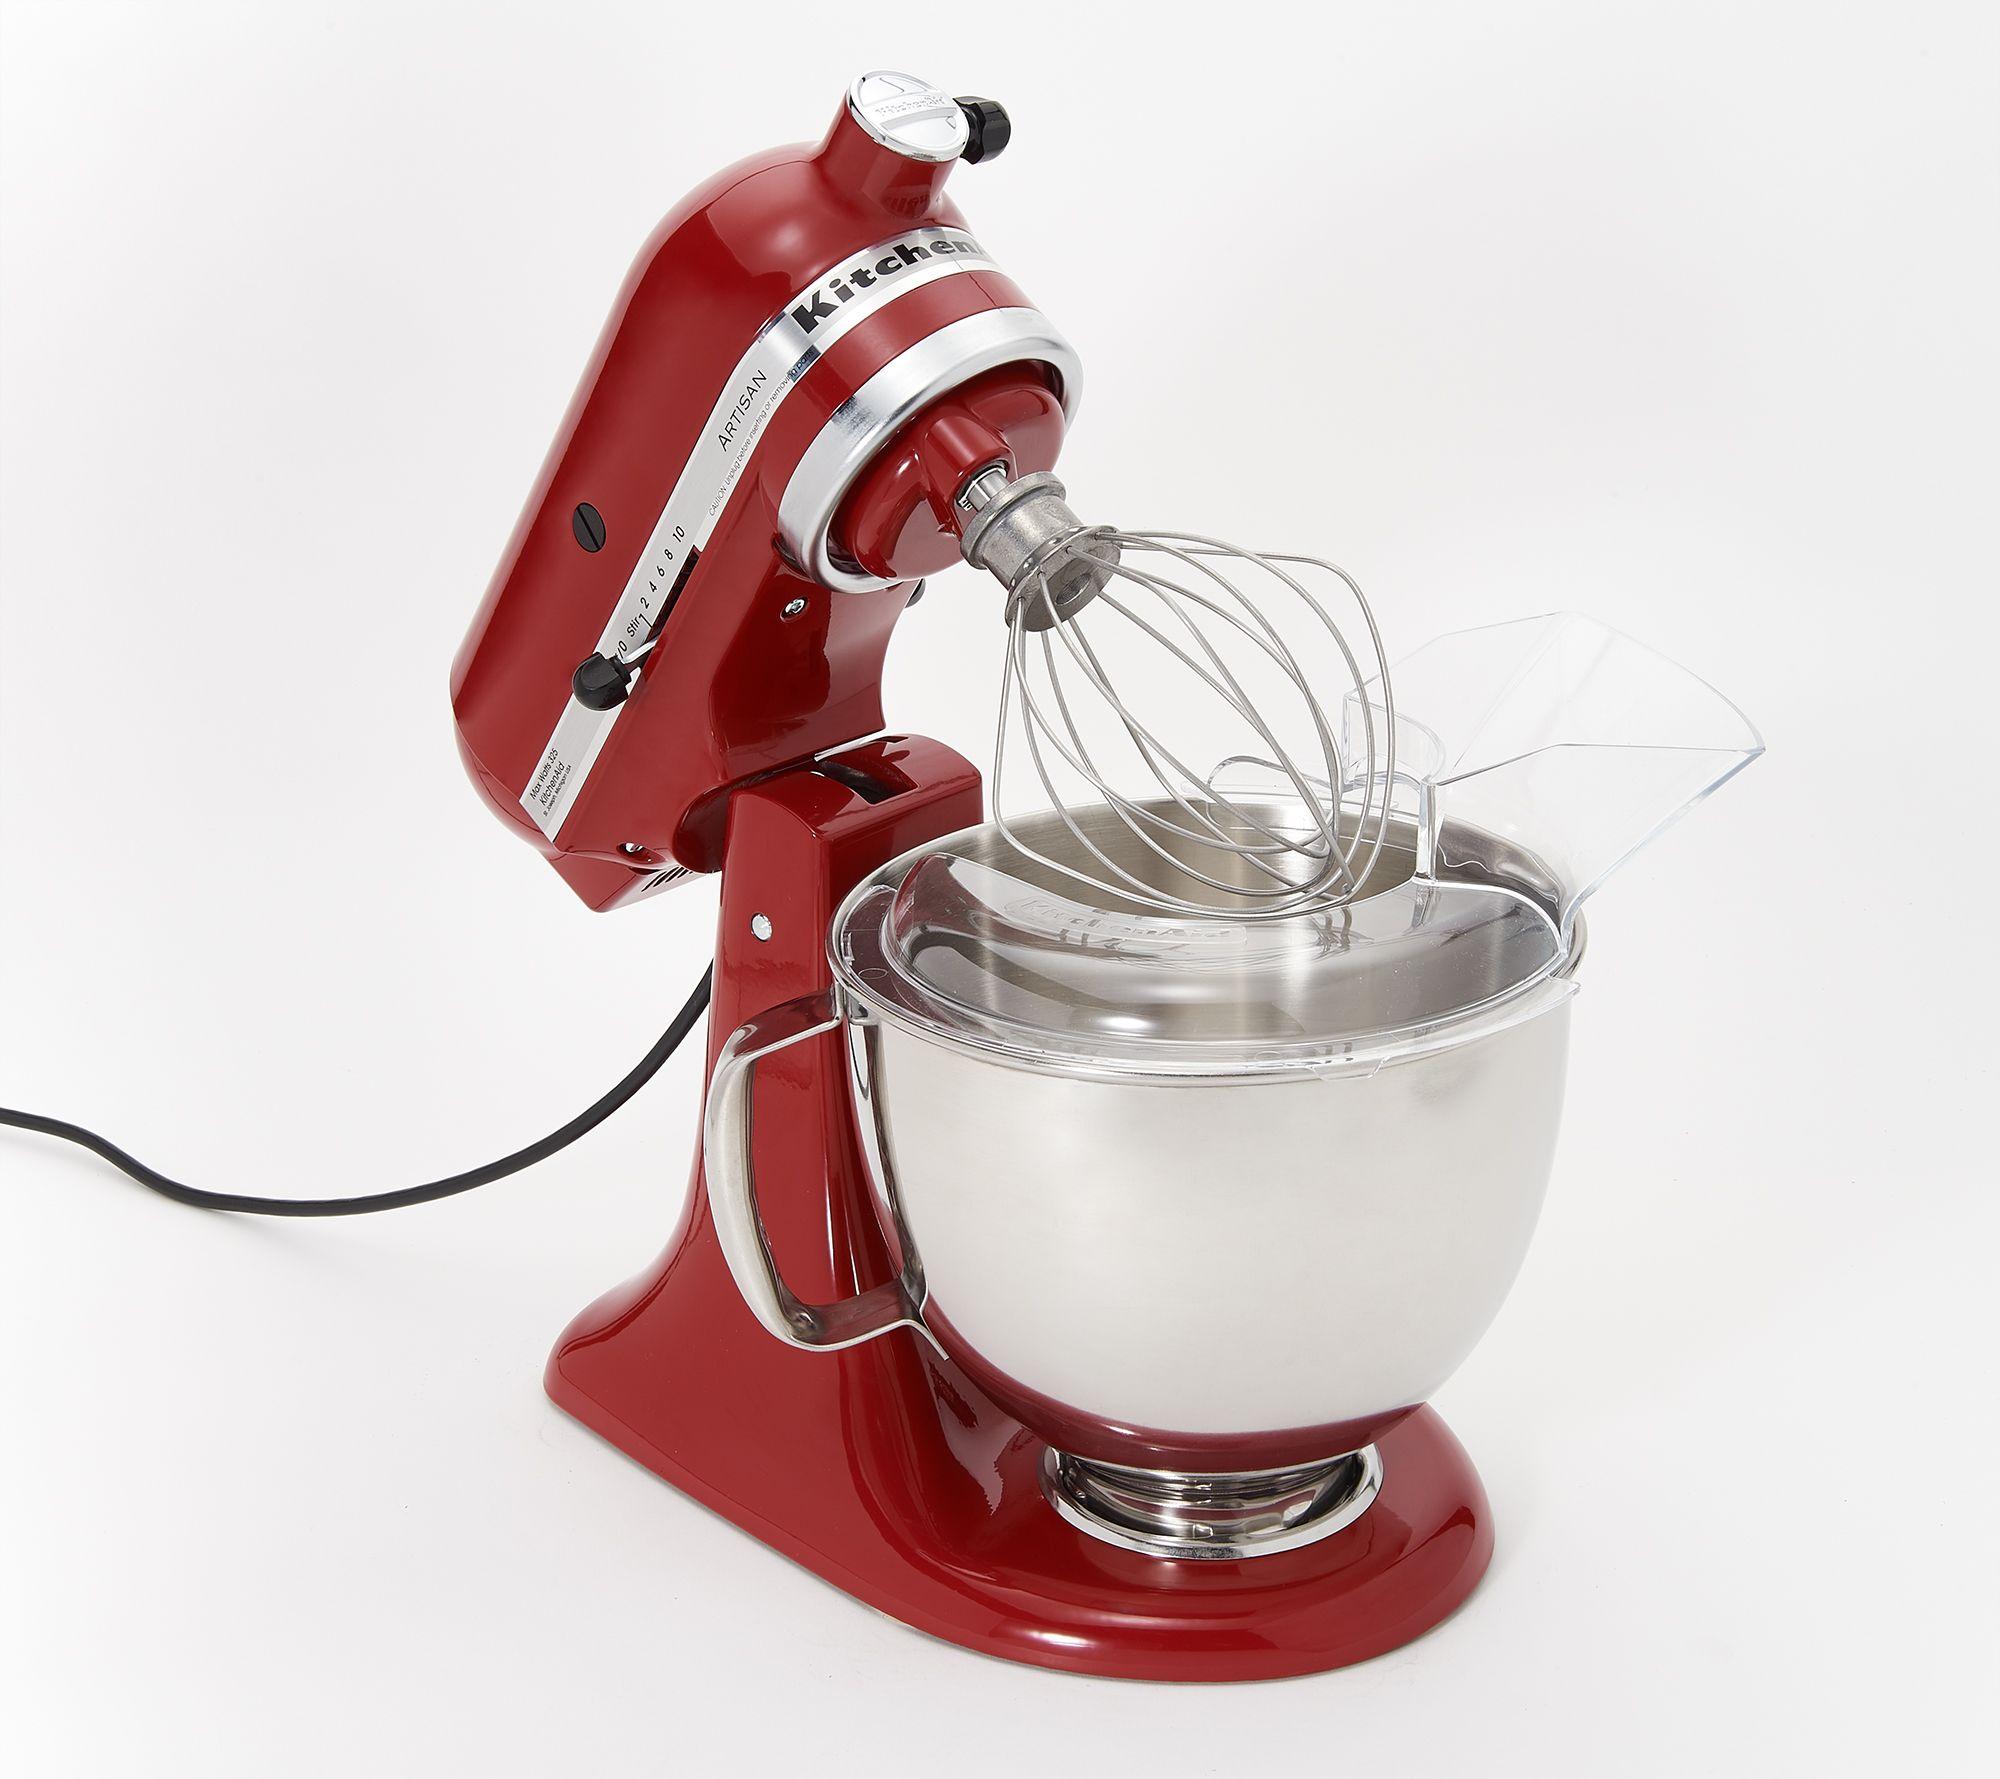 KitchenAid 5-qt 325W Tilt-Head Stand Mixer w/ Food Grinder — QVC.com